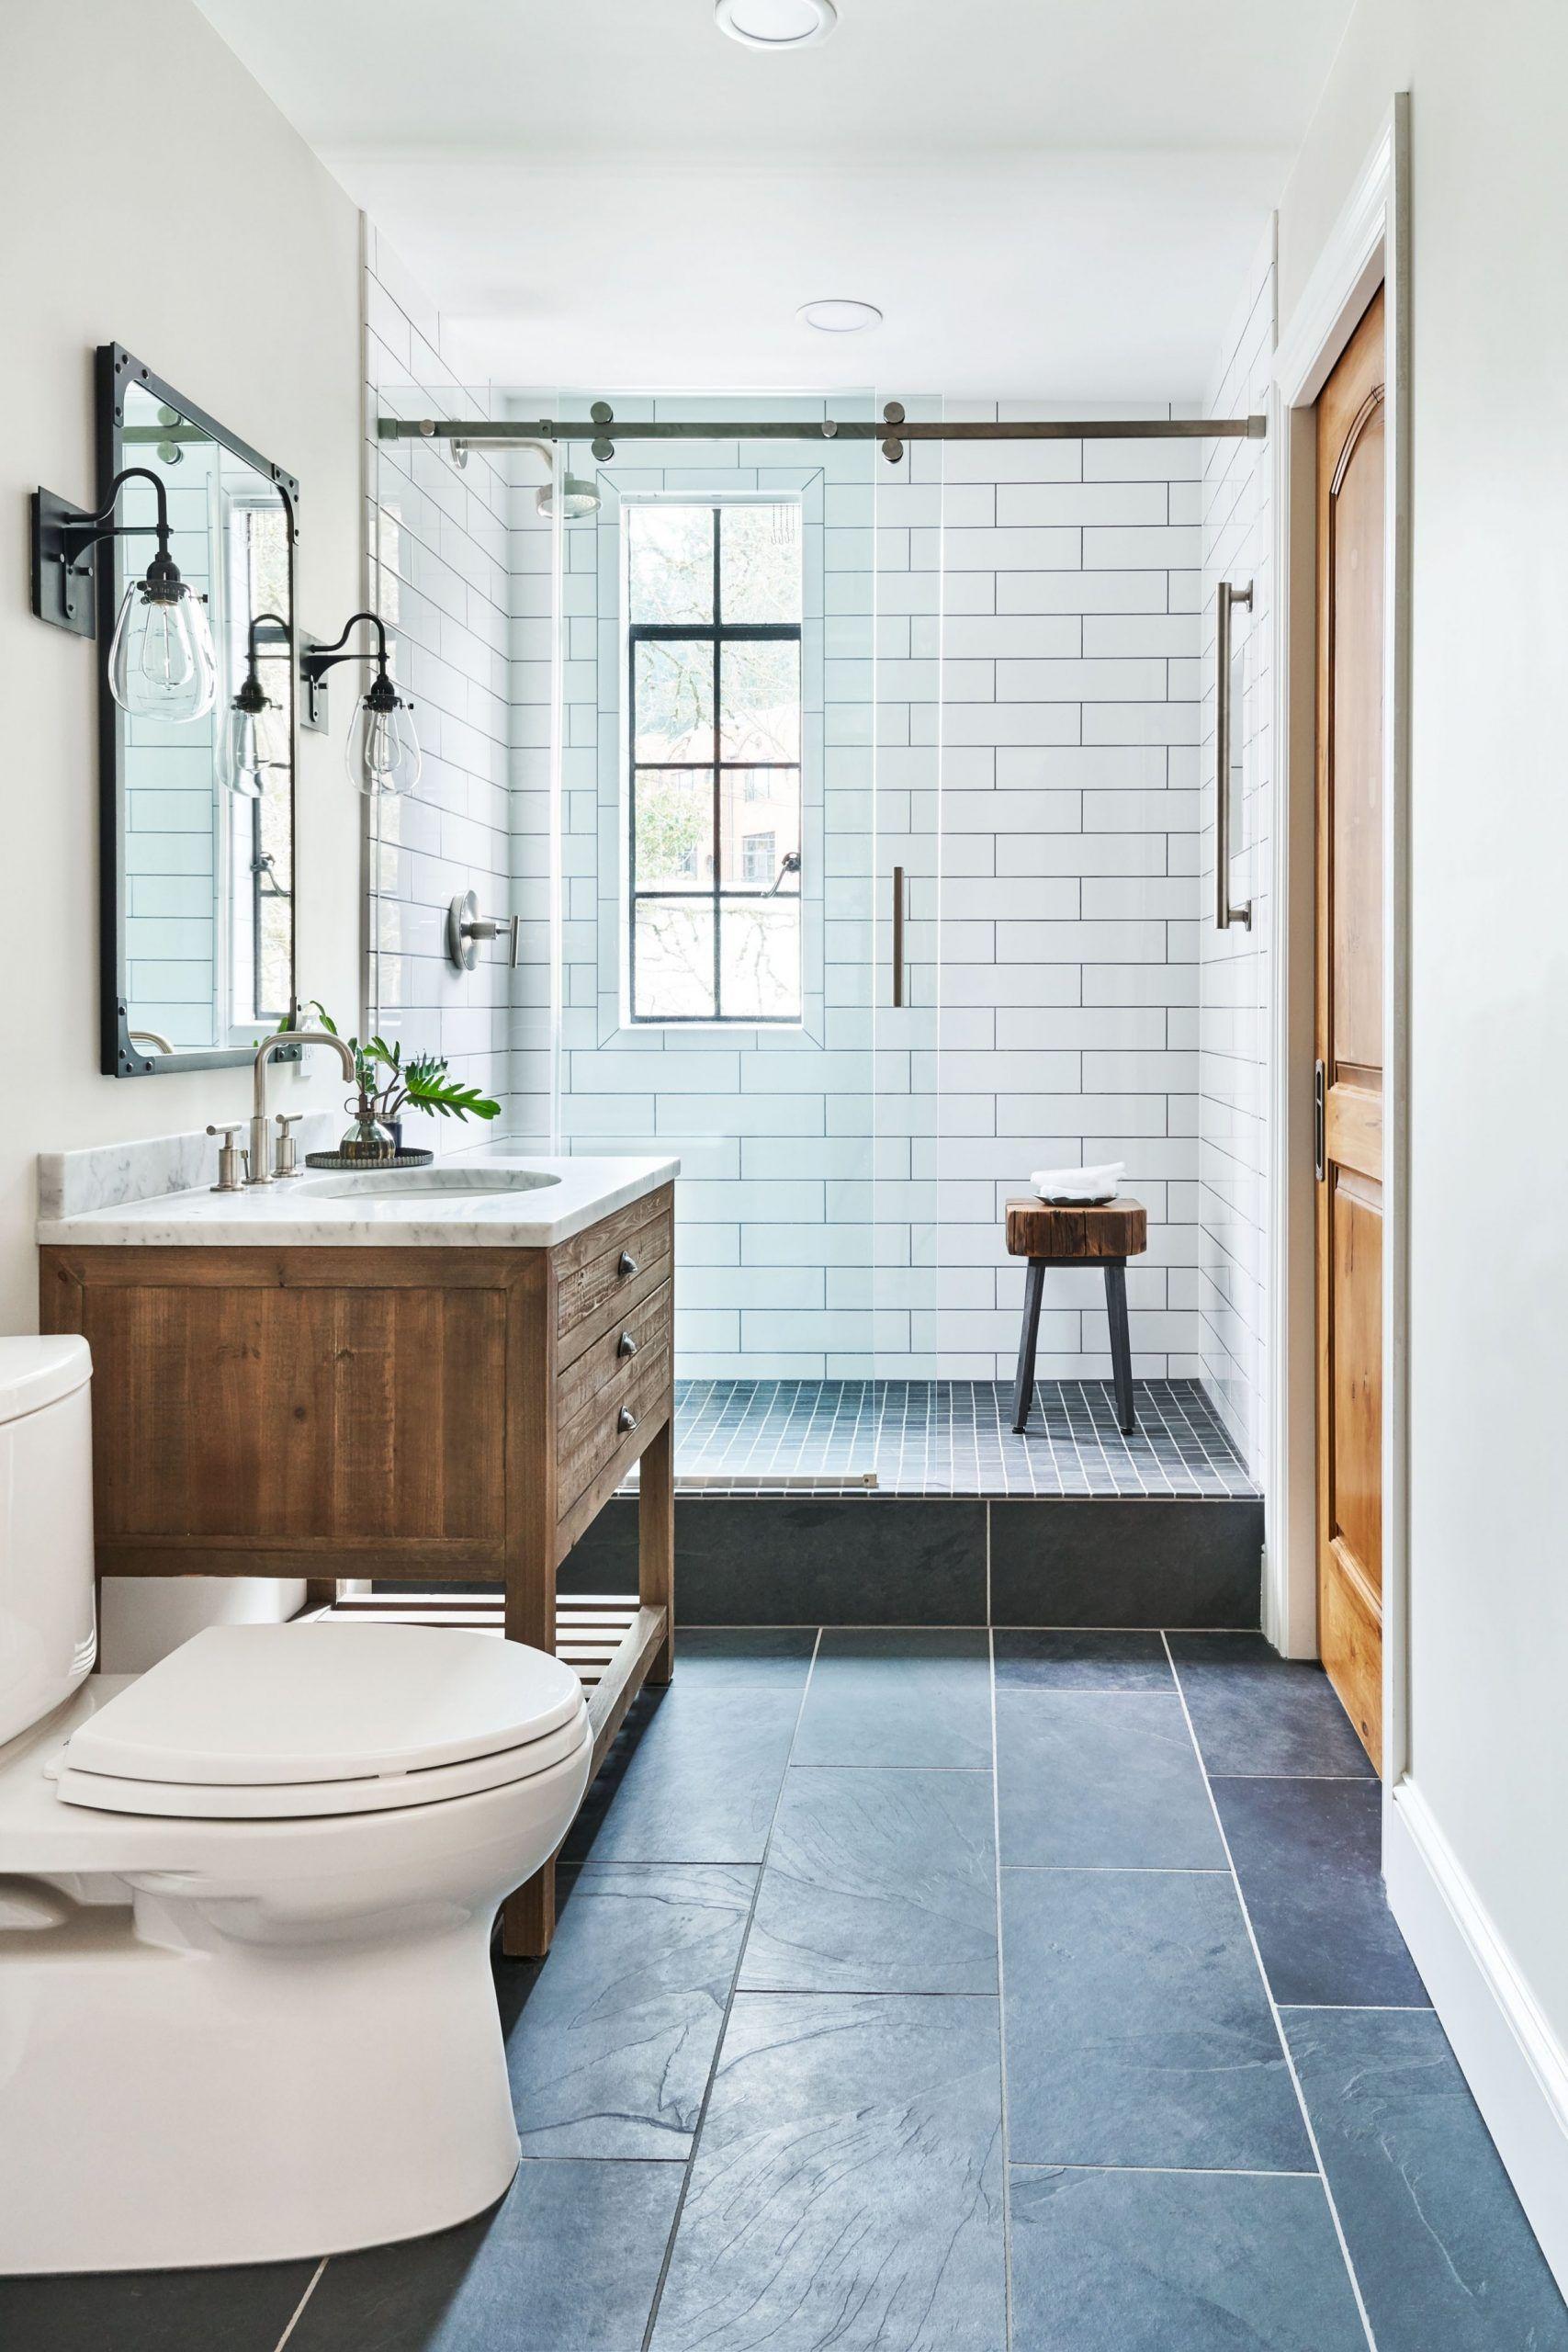 bathroom remodel ideas houzz in 2020 small bathroom on bathroom renovation ideas 2020 id=75719